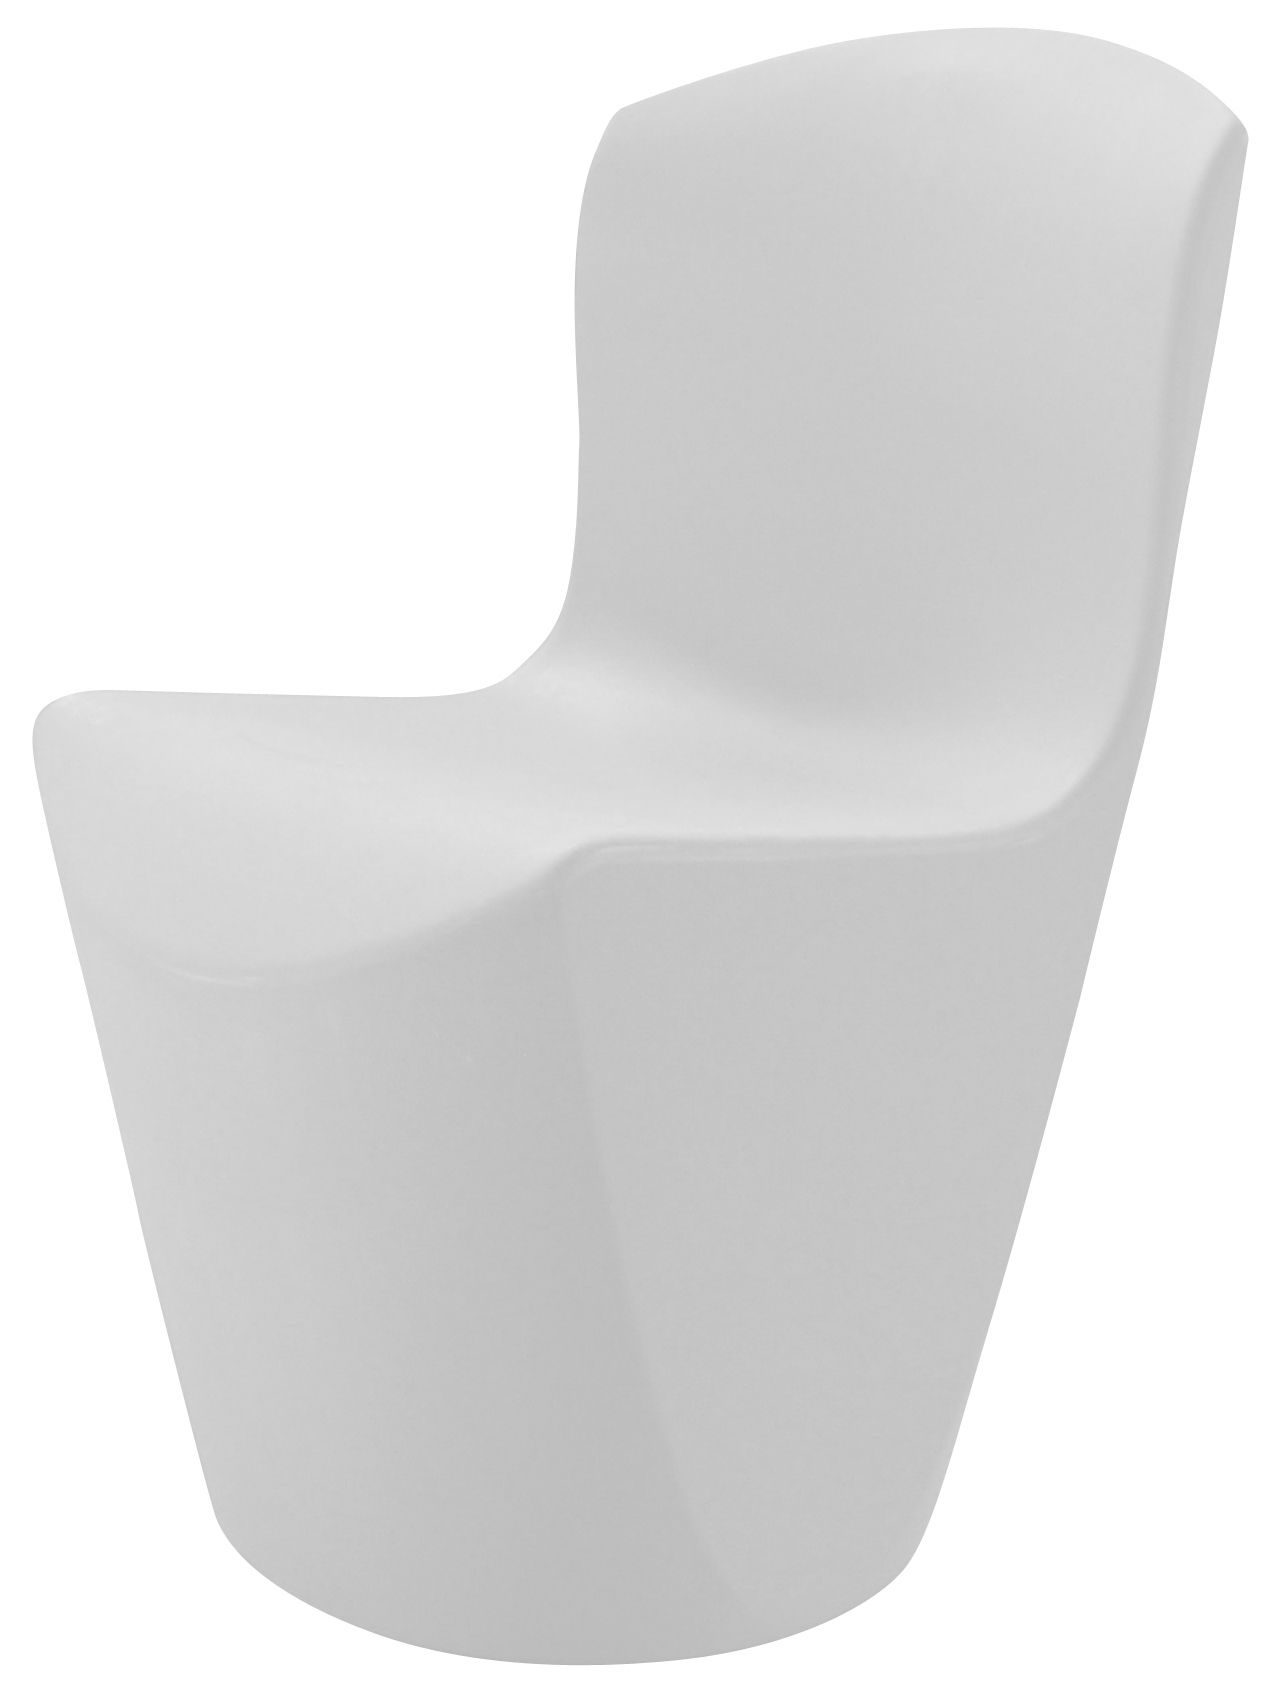 Mobilier - Chaises, fauteuils de salle à manger - Chaise Zoe / Plastique - Slide - Blanc - Polyéthylène